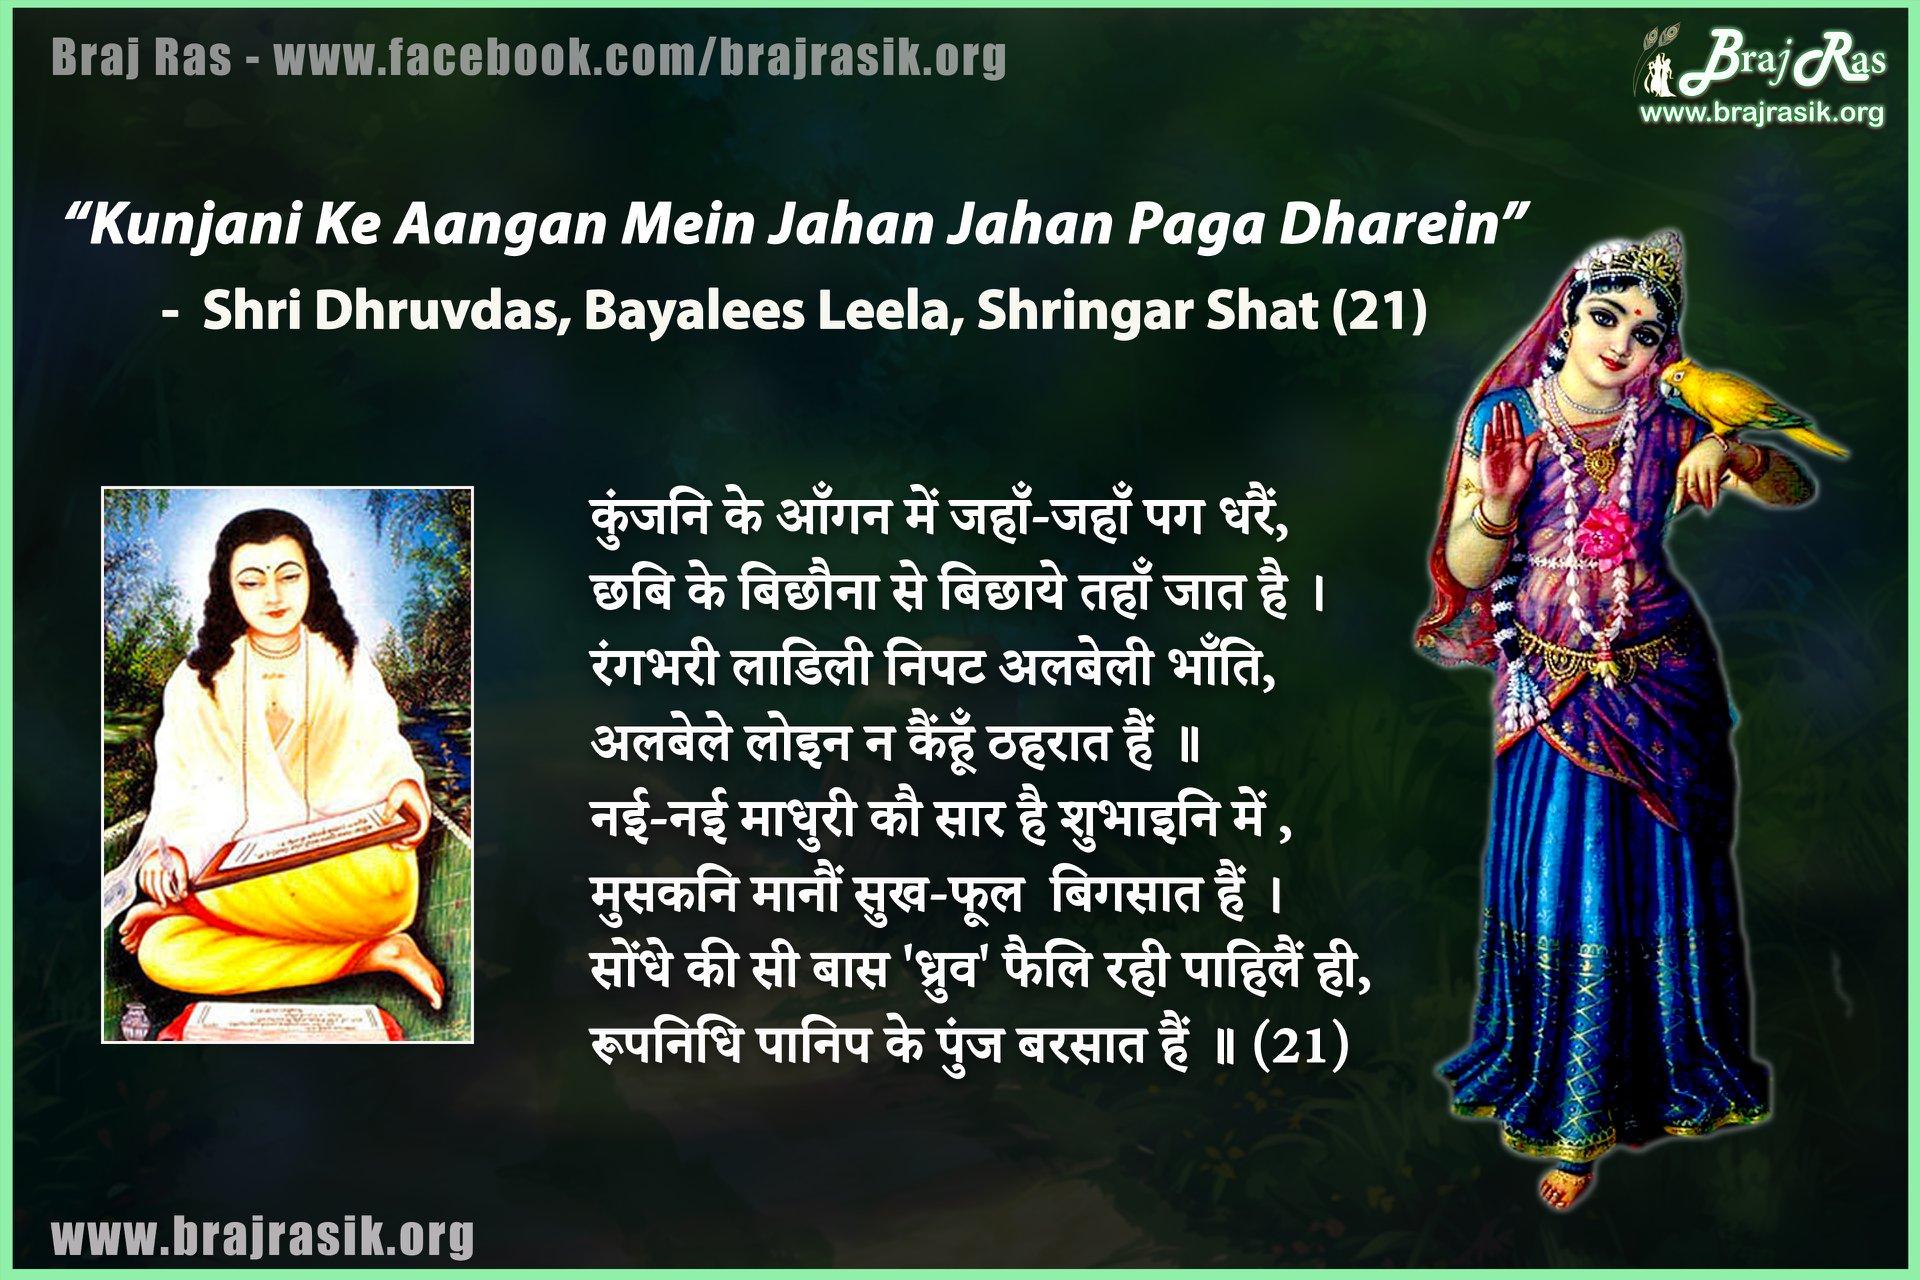 """""""Kunjani Ke Aangan Mein Jahan Jahan Paga Dharein"""" - Shri Dhruvdas, Bayalees Leela, Shringar Shat (21)"""